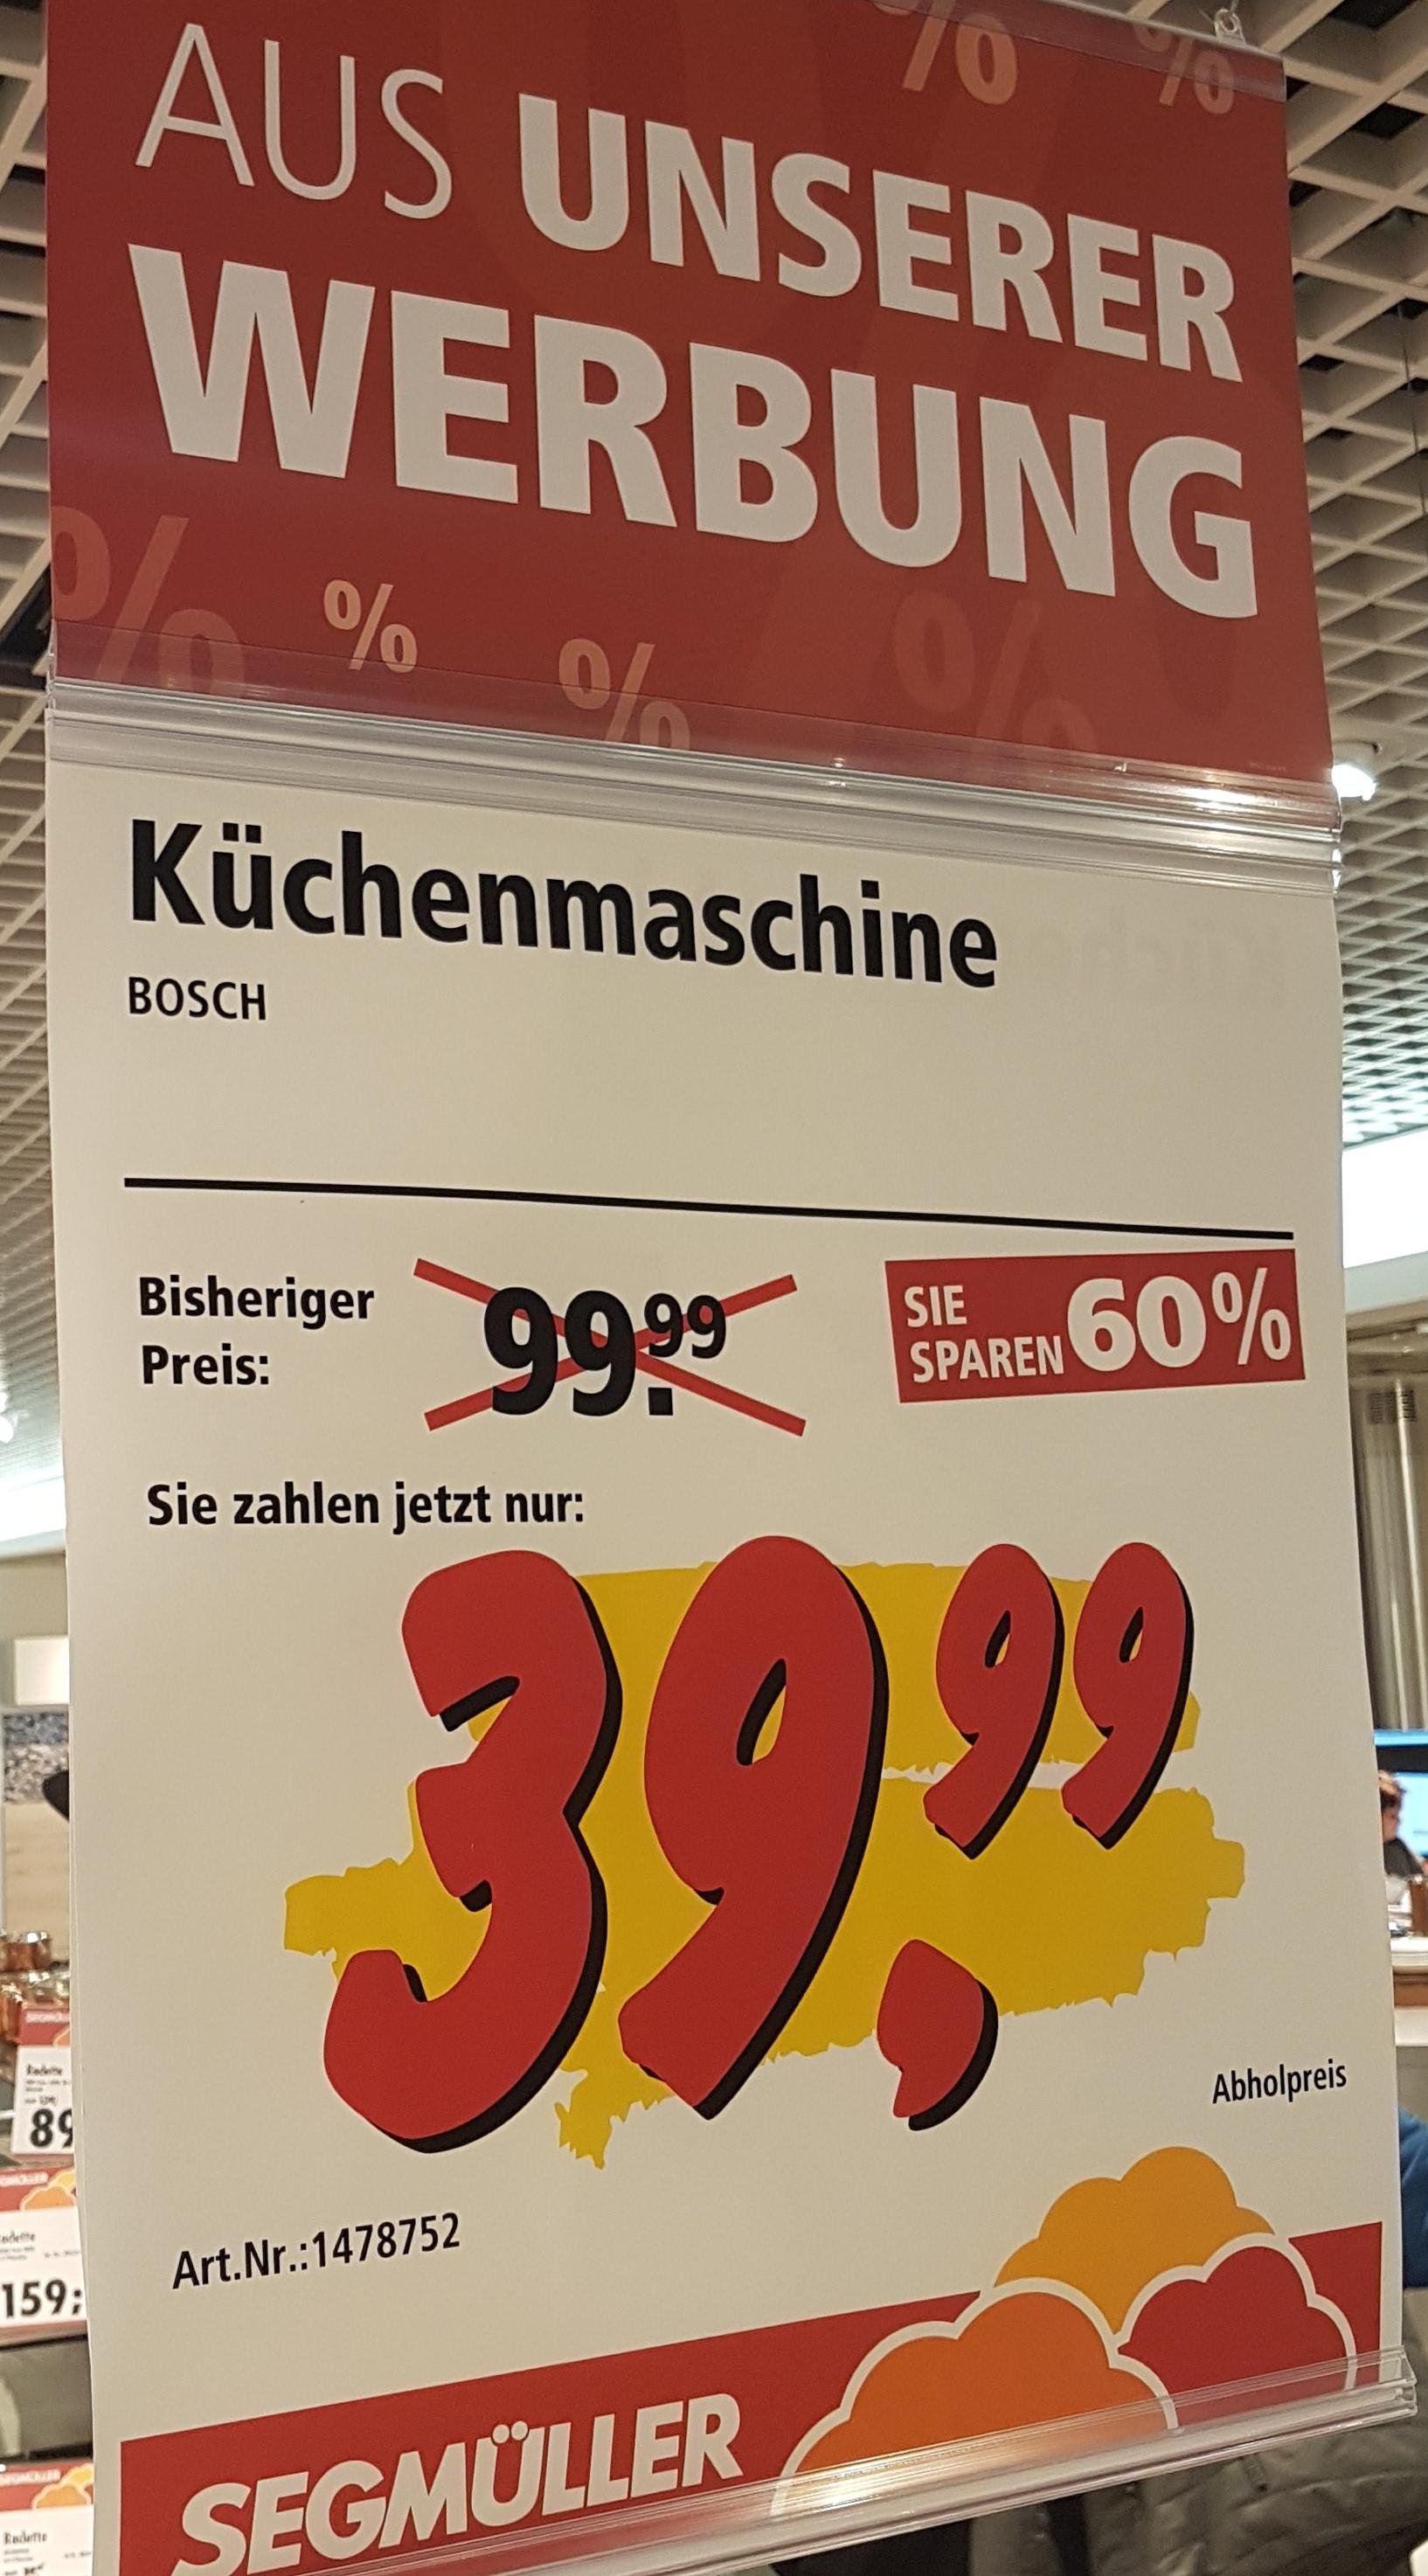 [Segmüller Parsdorf] Bosch MUM4405 Küchenmaschine